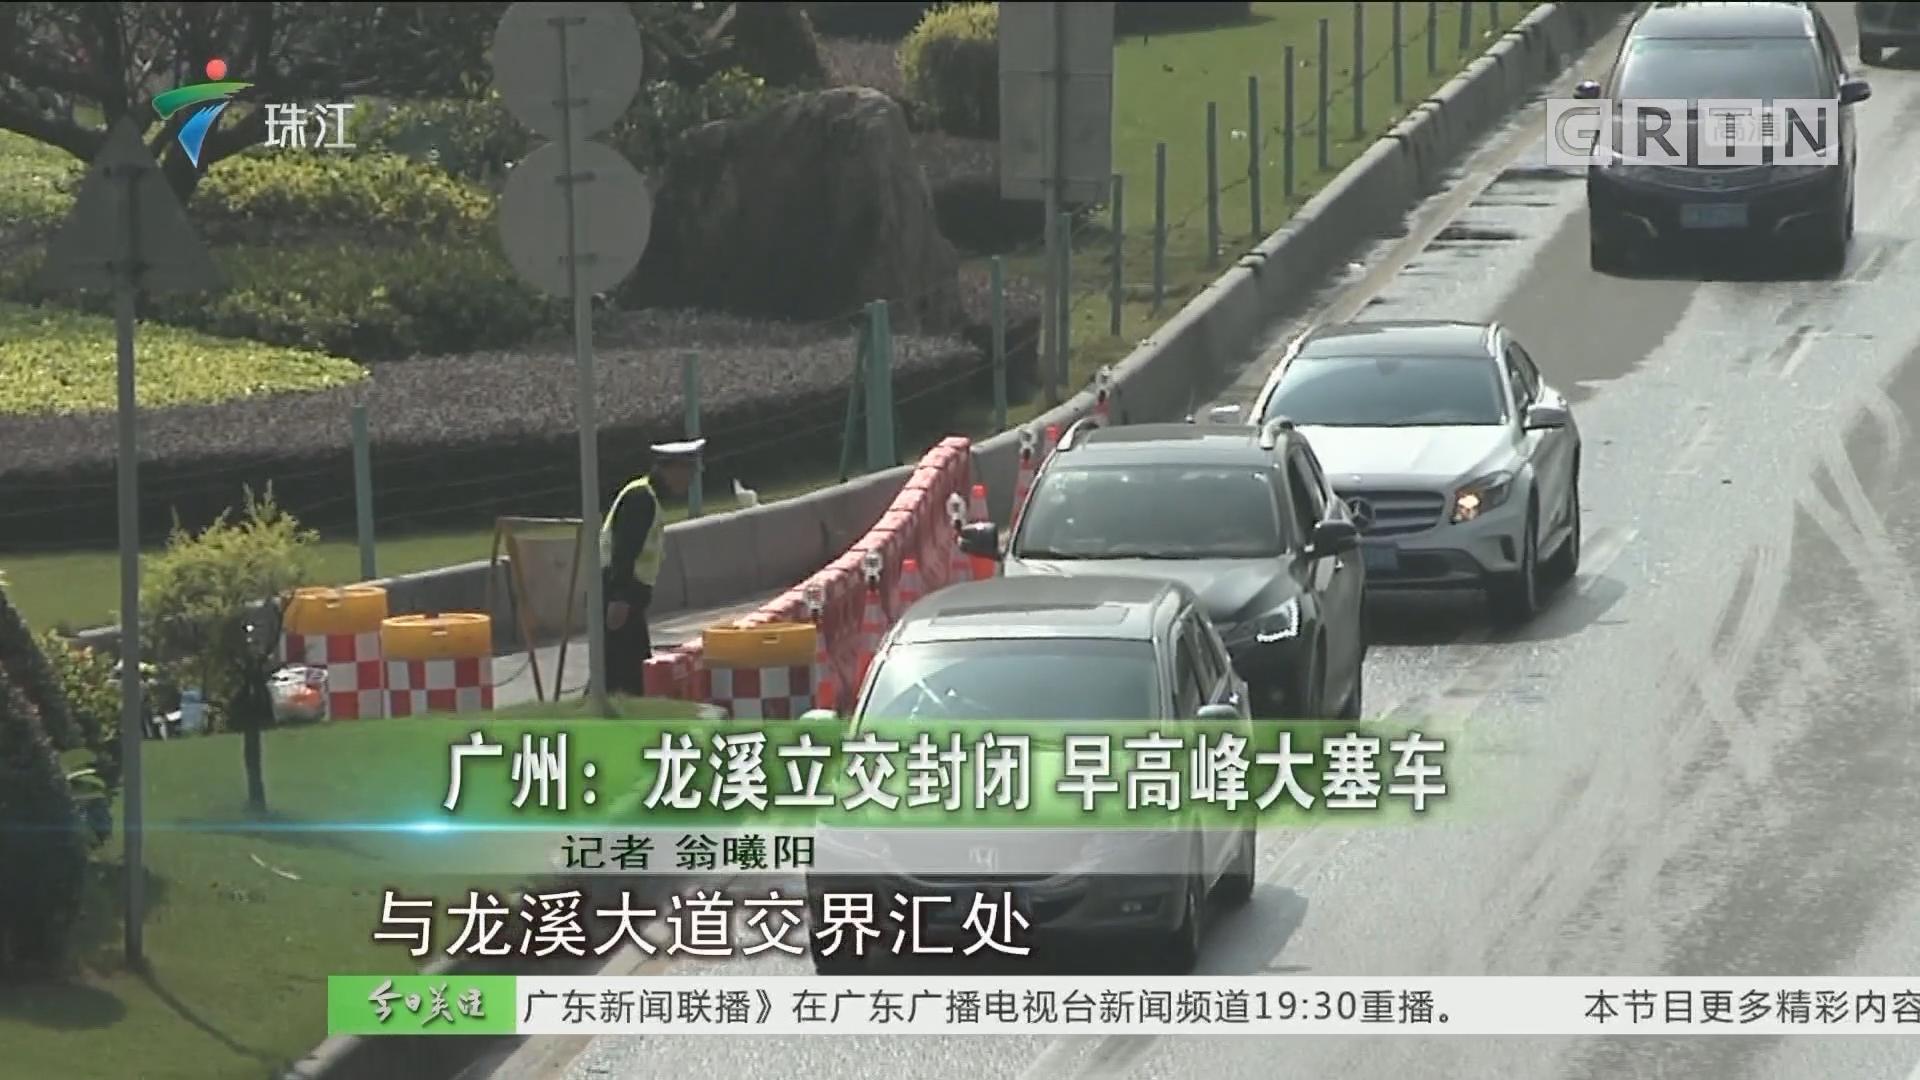 广州:龙溪立交封闭 早高峰大塞车